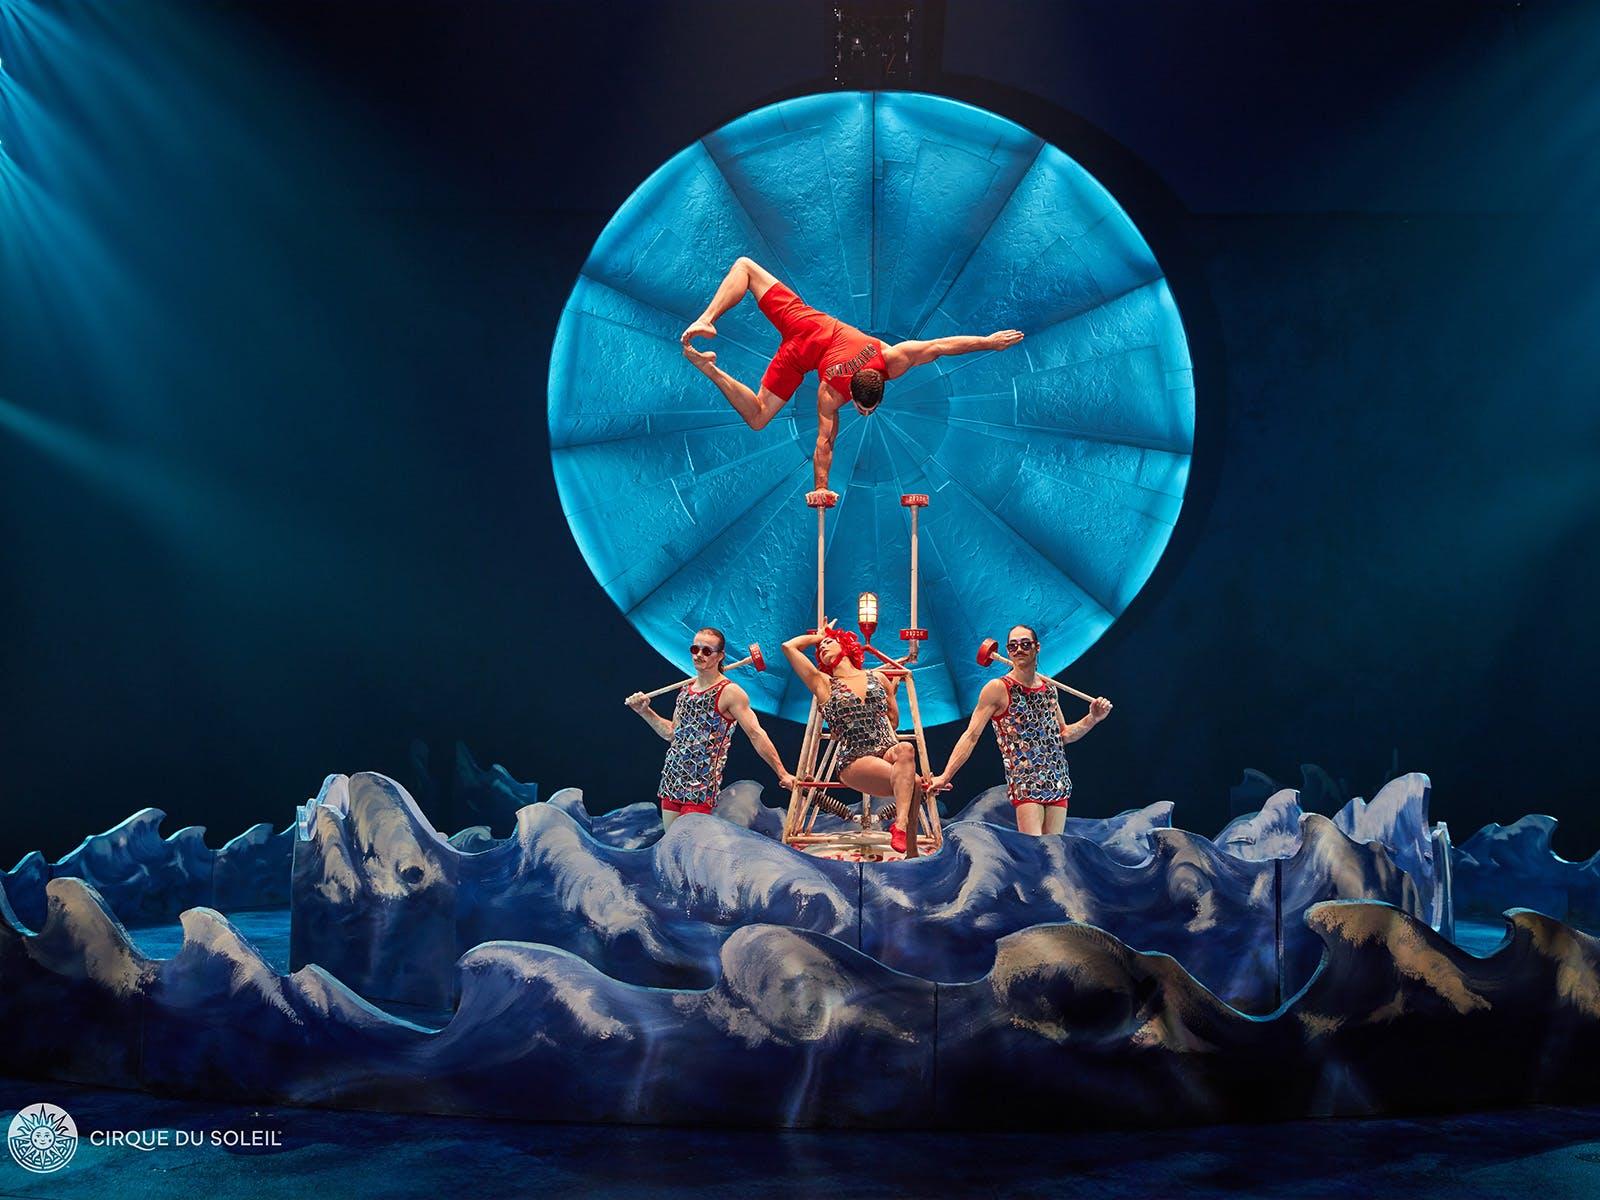 cirque du soleil malta